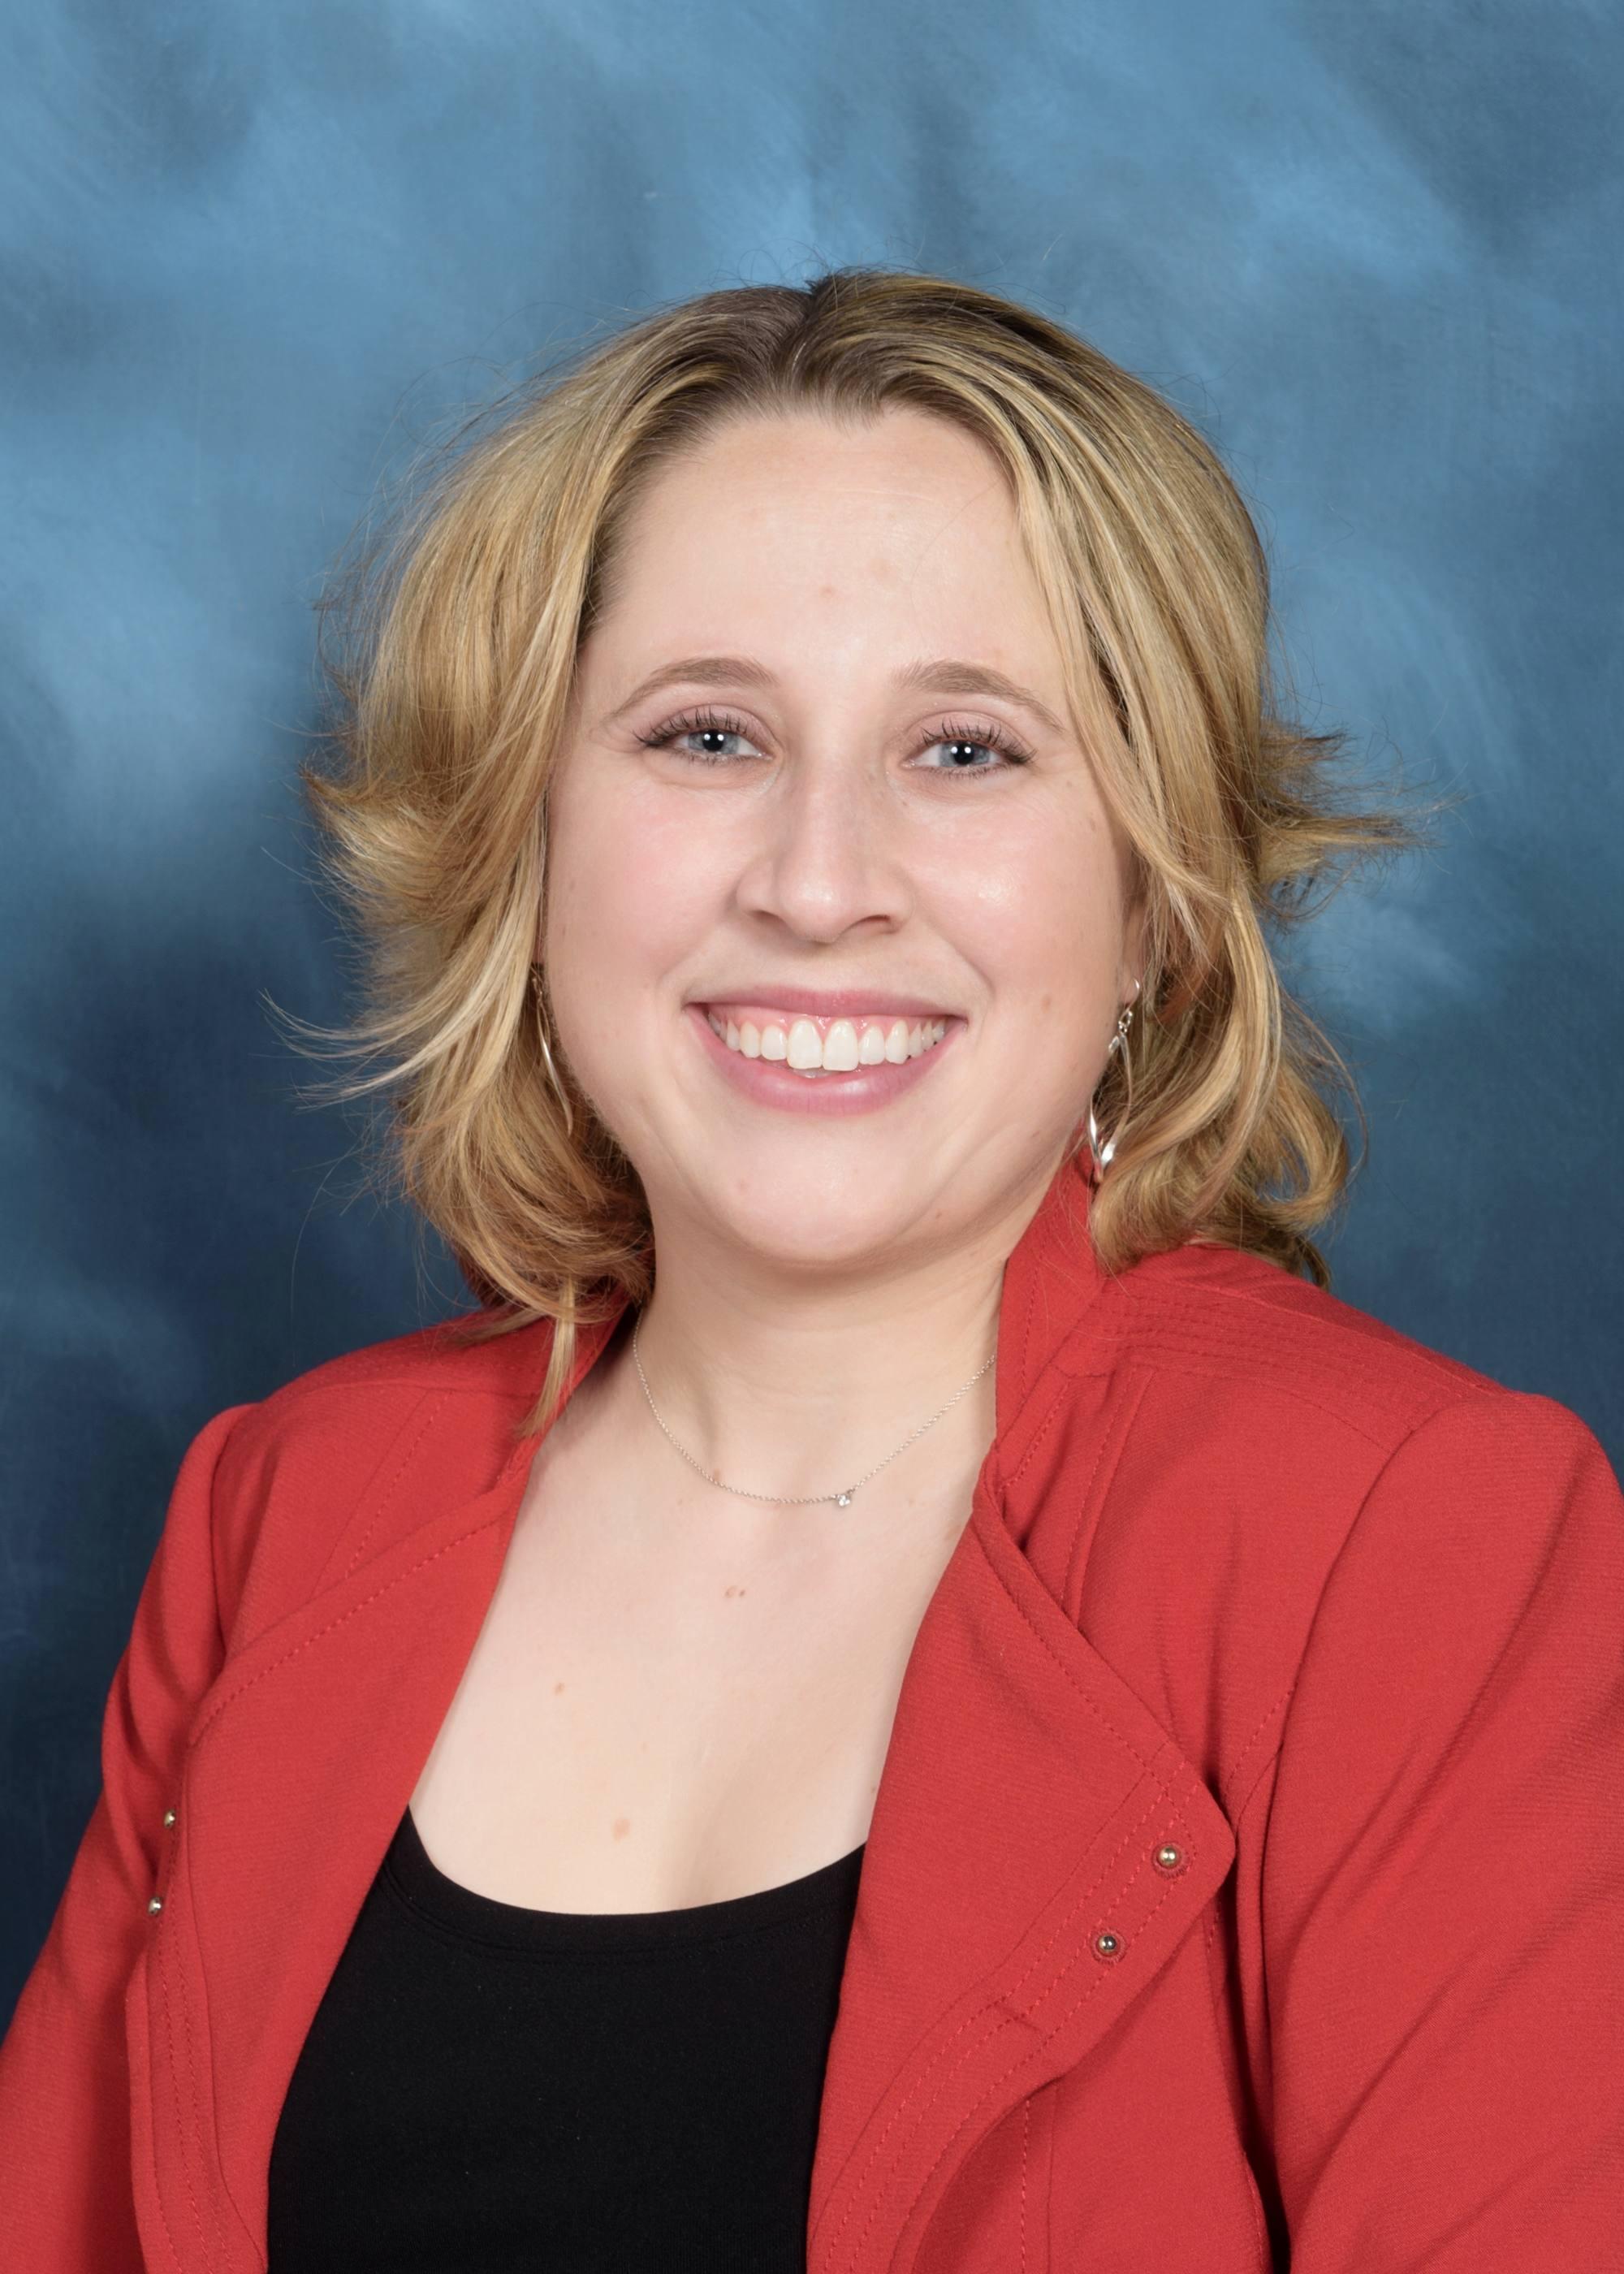 Amanda Falcone